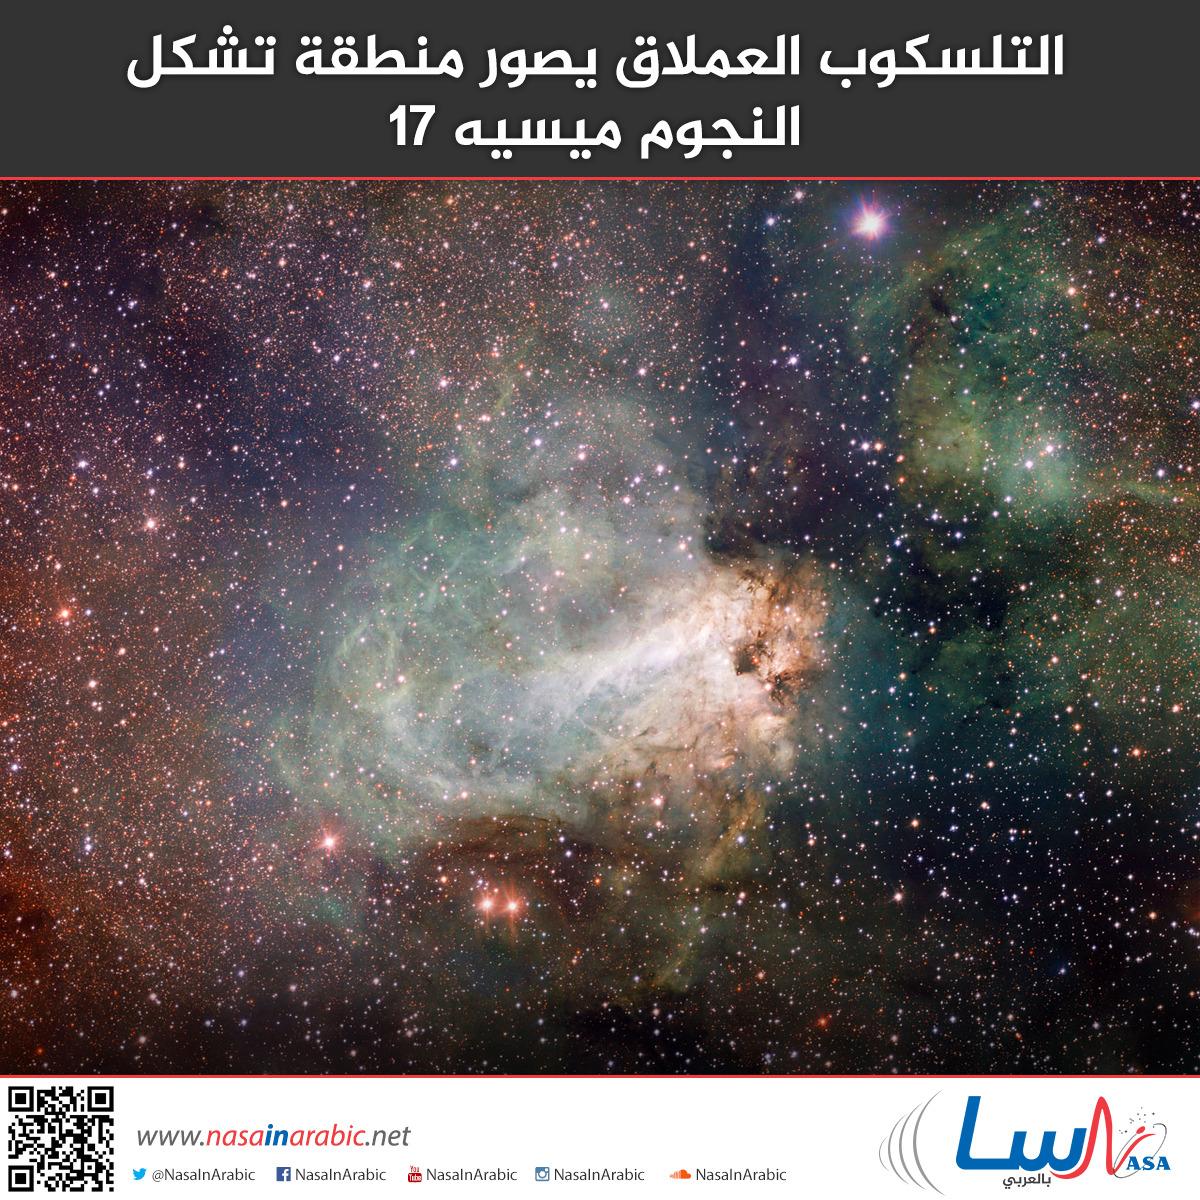 التلسكوب العملاق يصور منطقة تشكل النجوم ميسيه 17